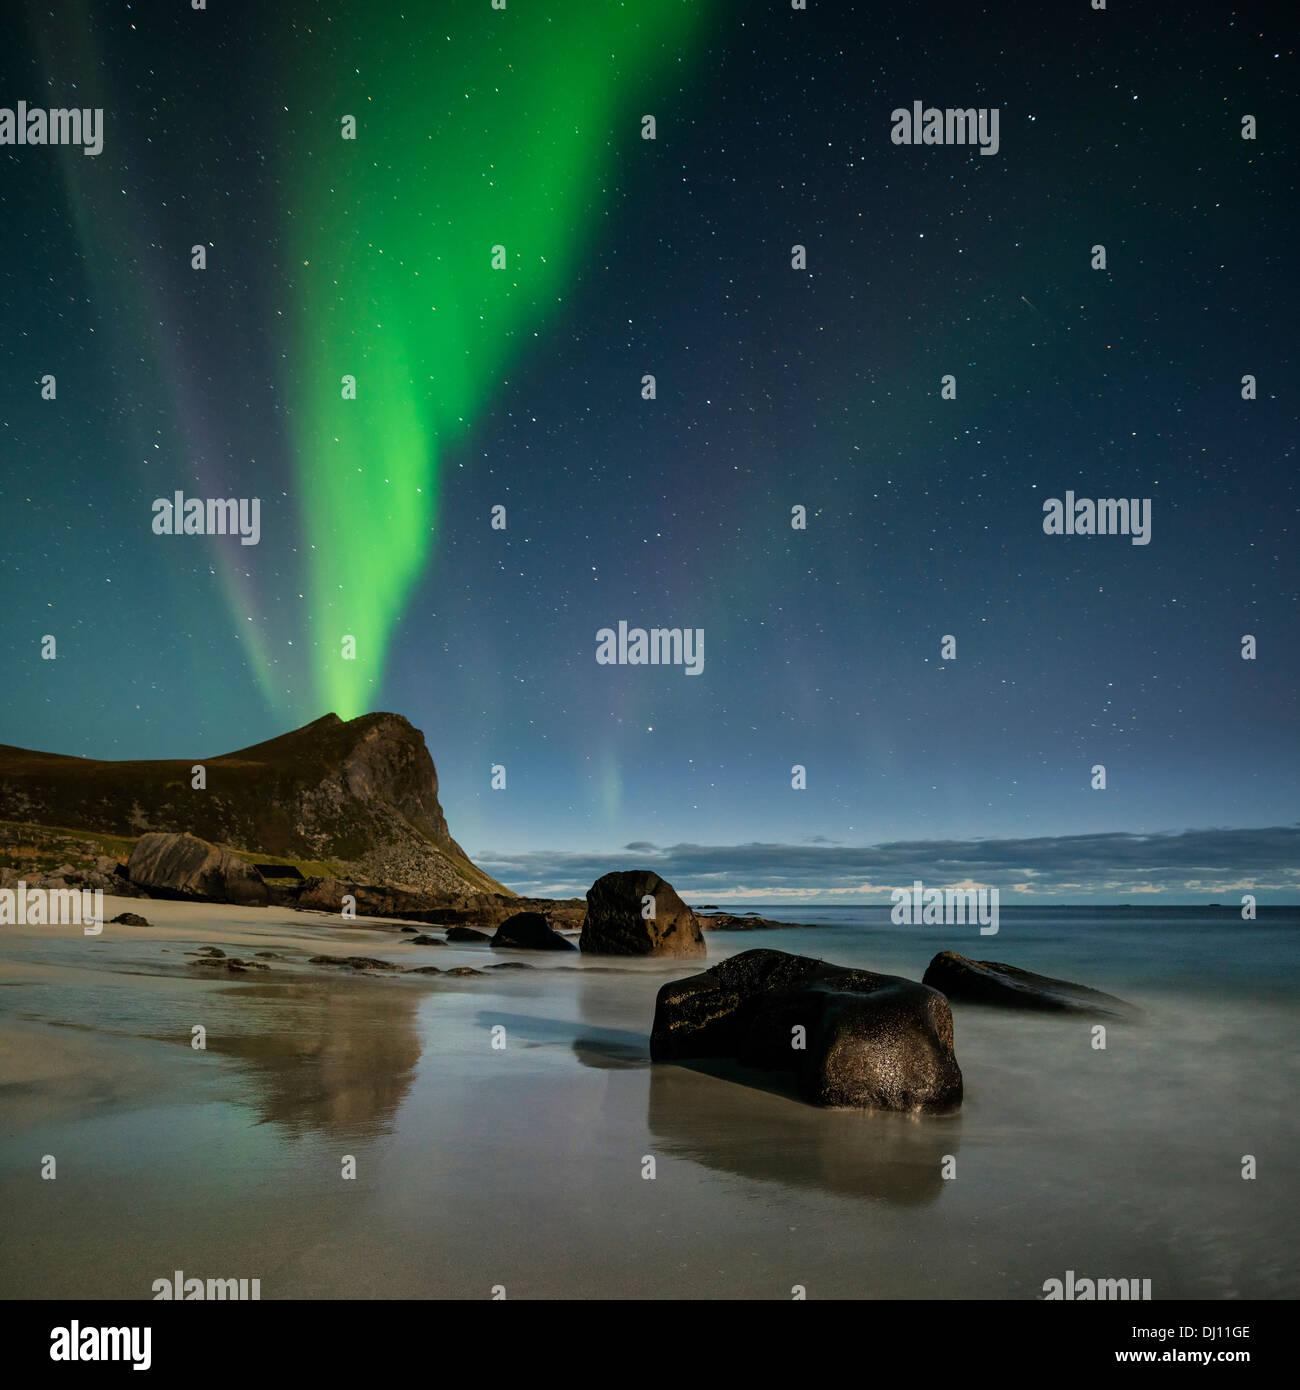 Northern Lights riempire il cielo sopra Myrland beach, Flakstadoy, Isole Lofoten in Norvegia Immagini Stock